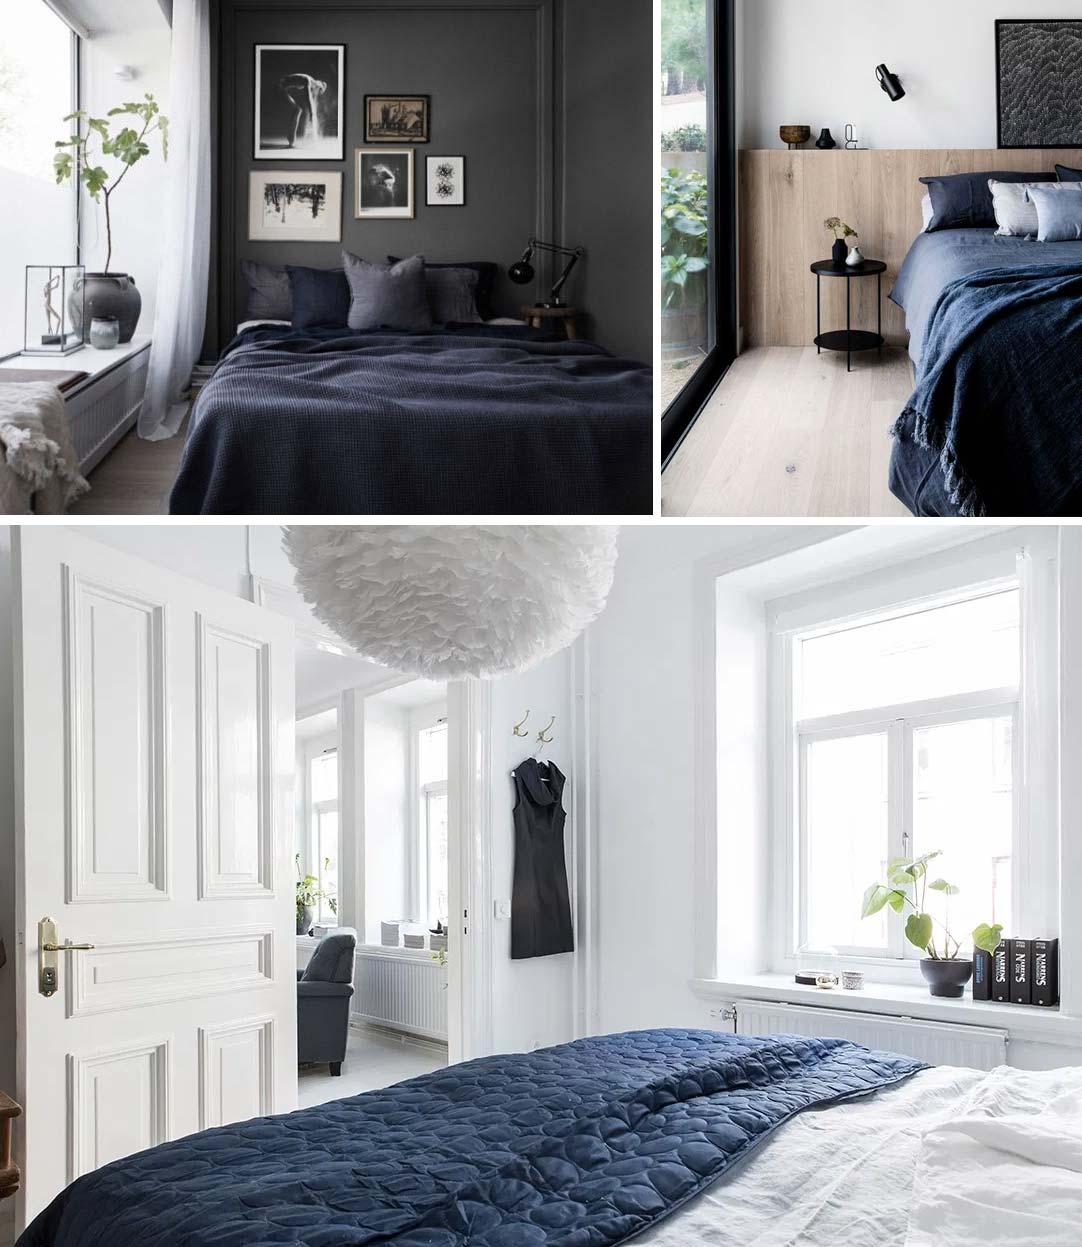 blauw interieur beddengoed slaapkamer